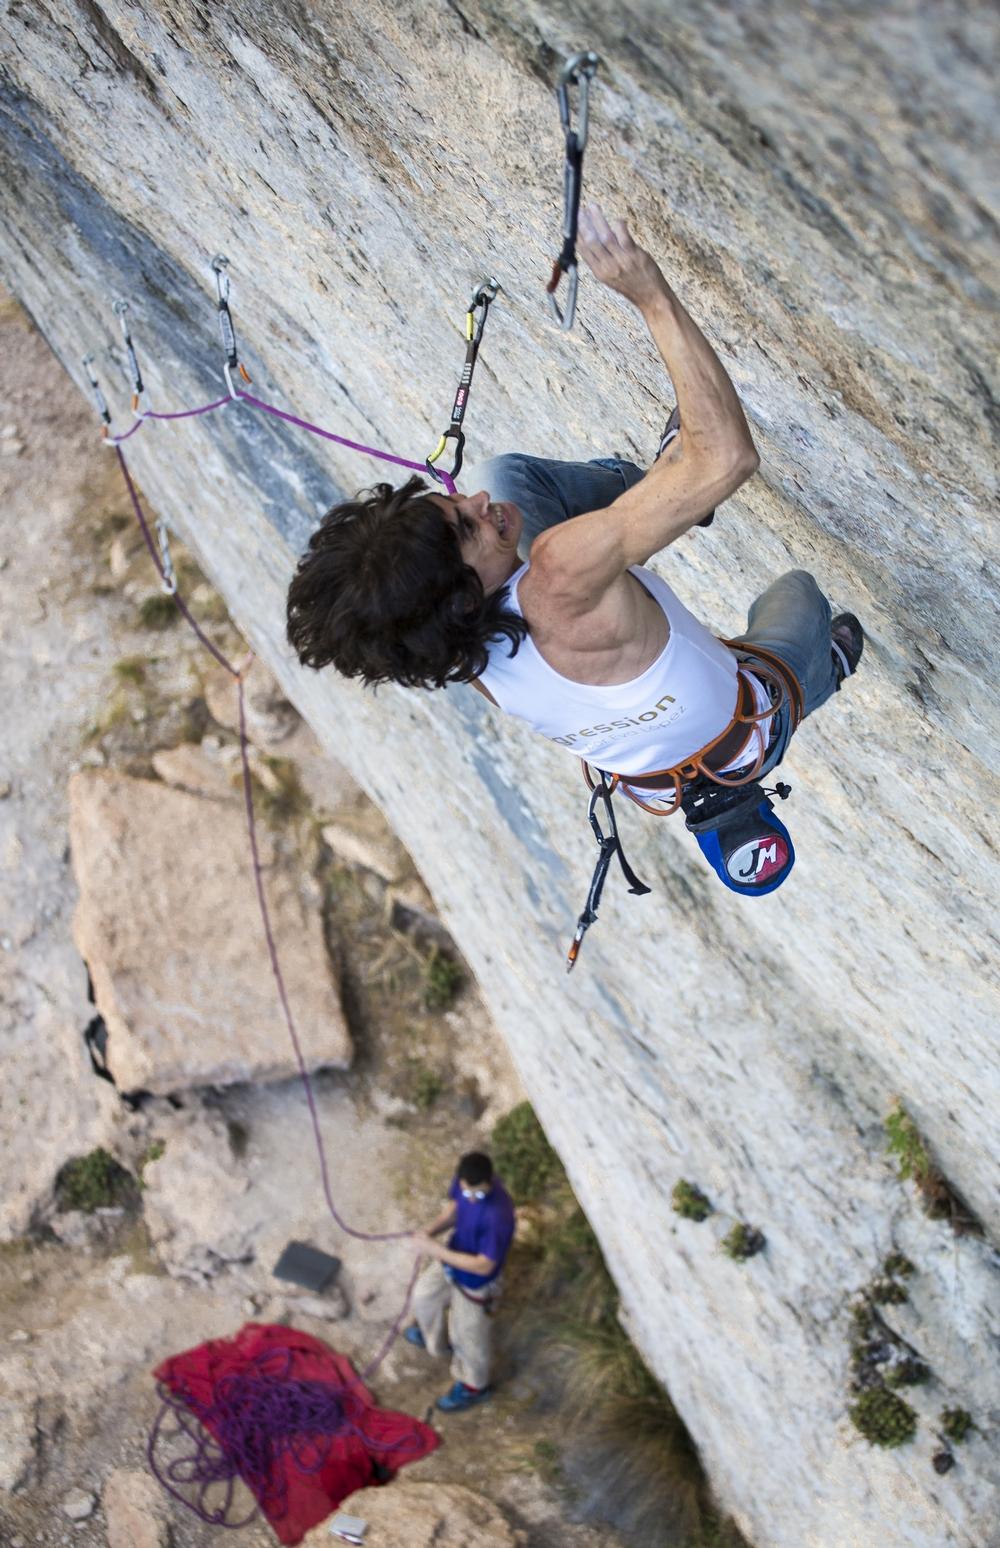 Eva on Potemkin 8c, Cuenca.Photo by Javipec.